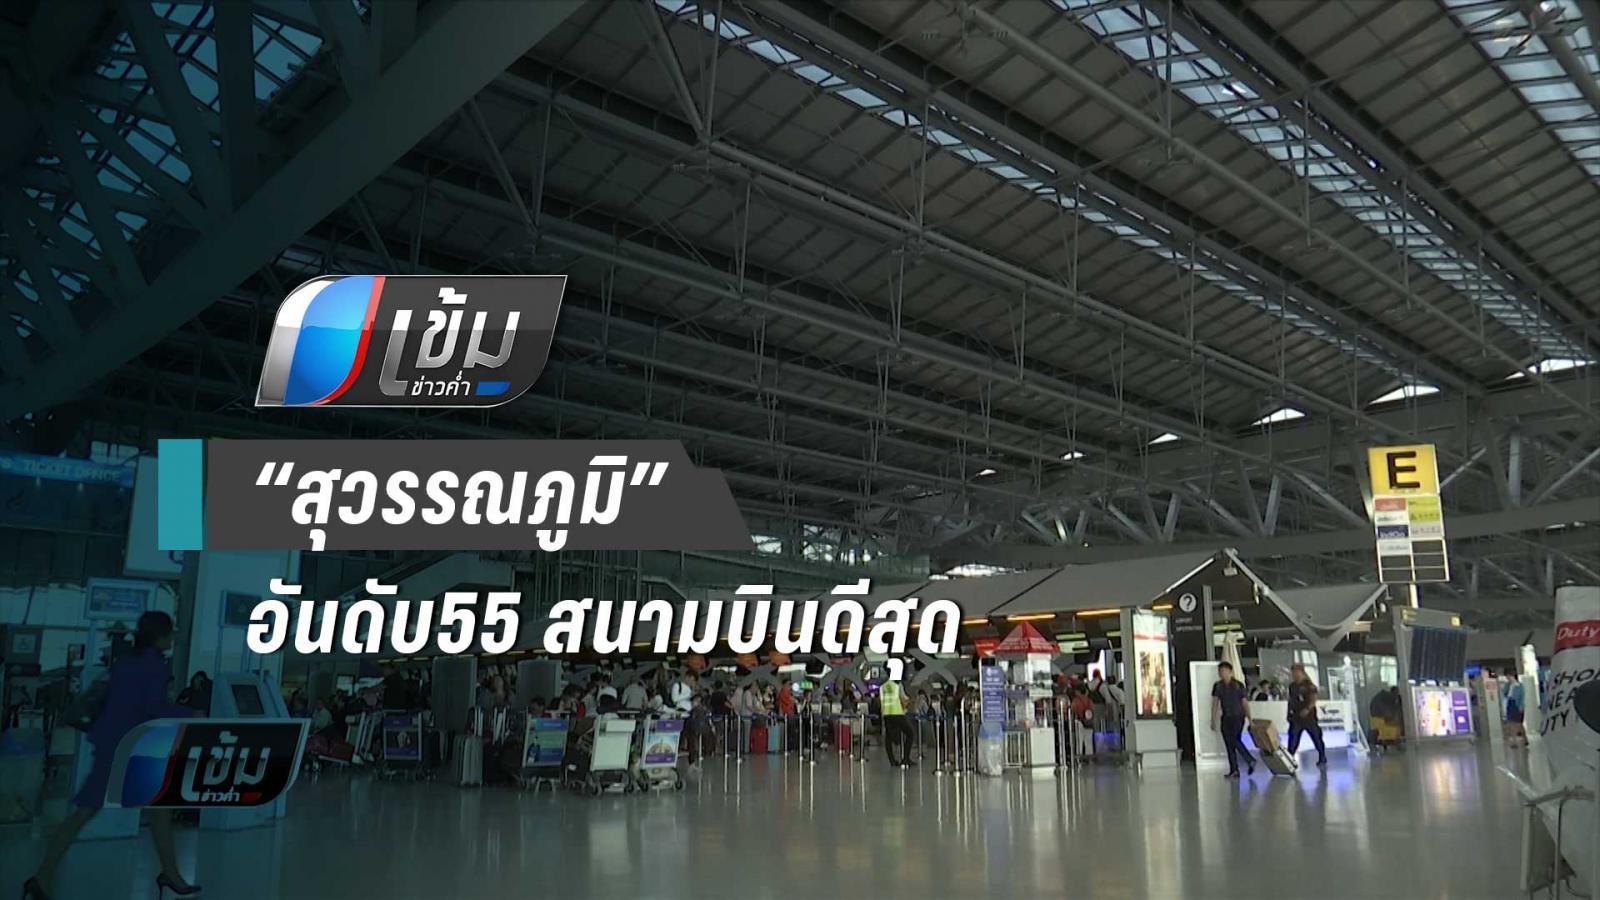 """""""สุวรรณภูมิ"""" ติดอันดับ55 สนามบินดีสุดสำหรับผู้โดยสาร"""